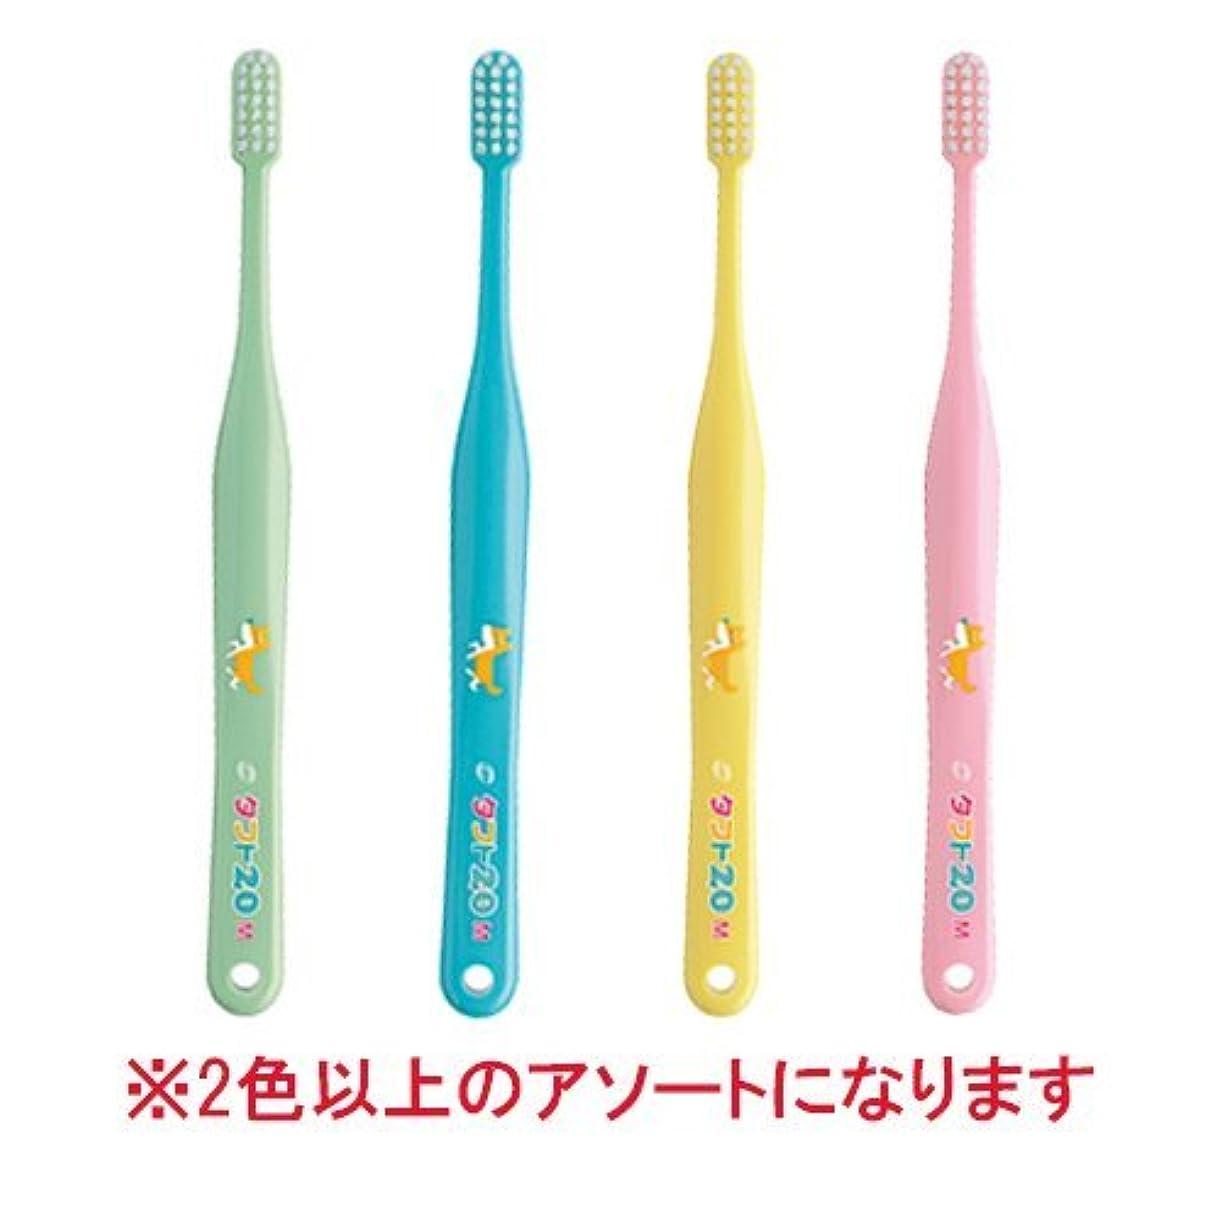 ナインへ仲人冒険者オーラルケア タフト 歯ブラシ ミディアム × 4本 アソート (タフト20(M))